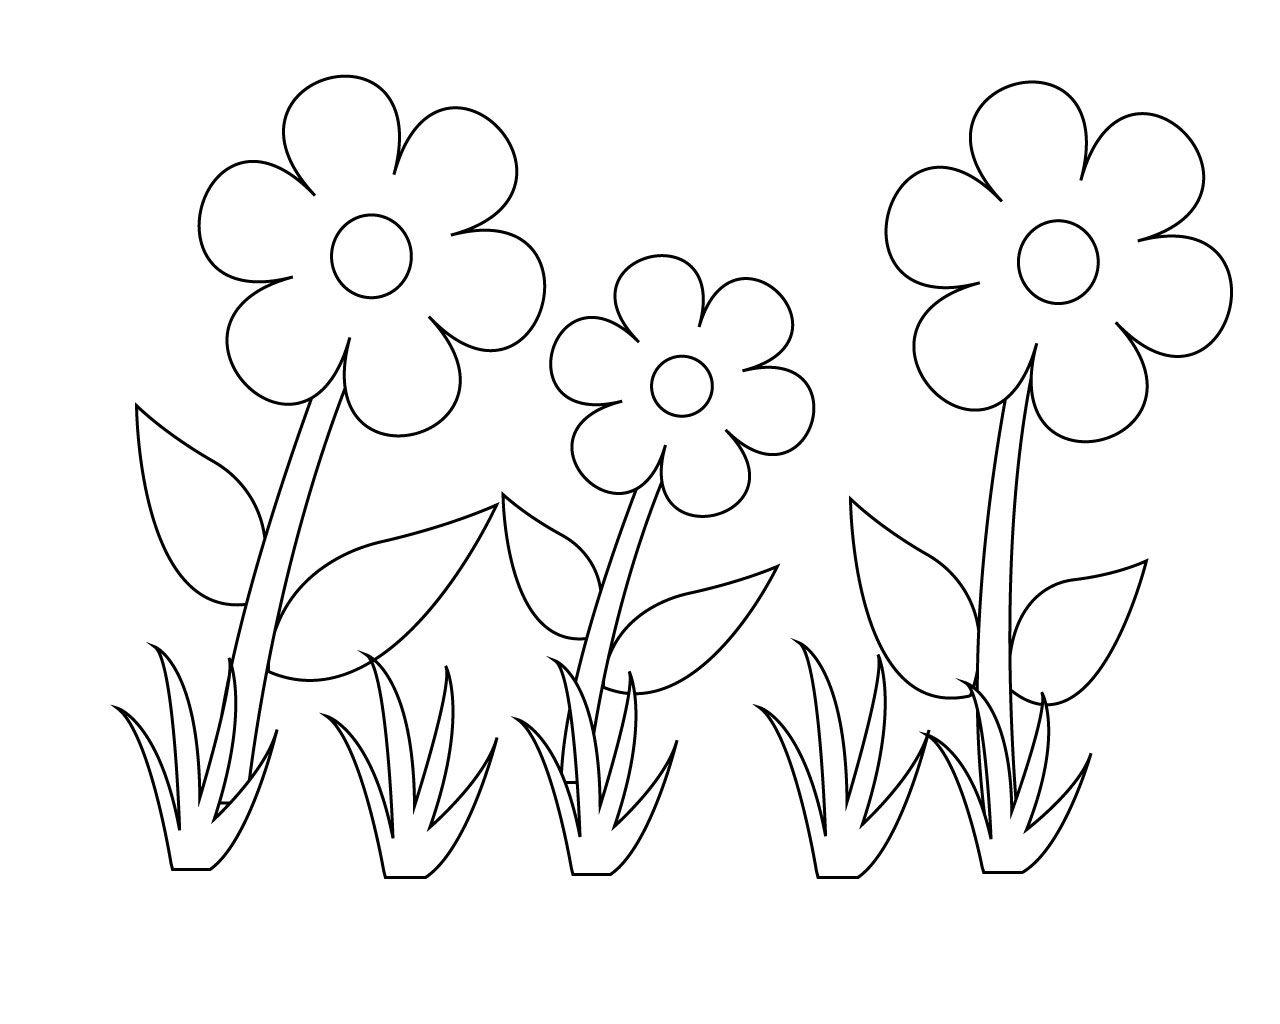 Preschool Coloring Pages Flowers CareersPlay Preschool